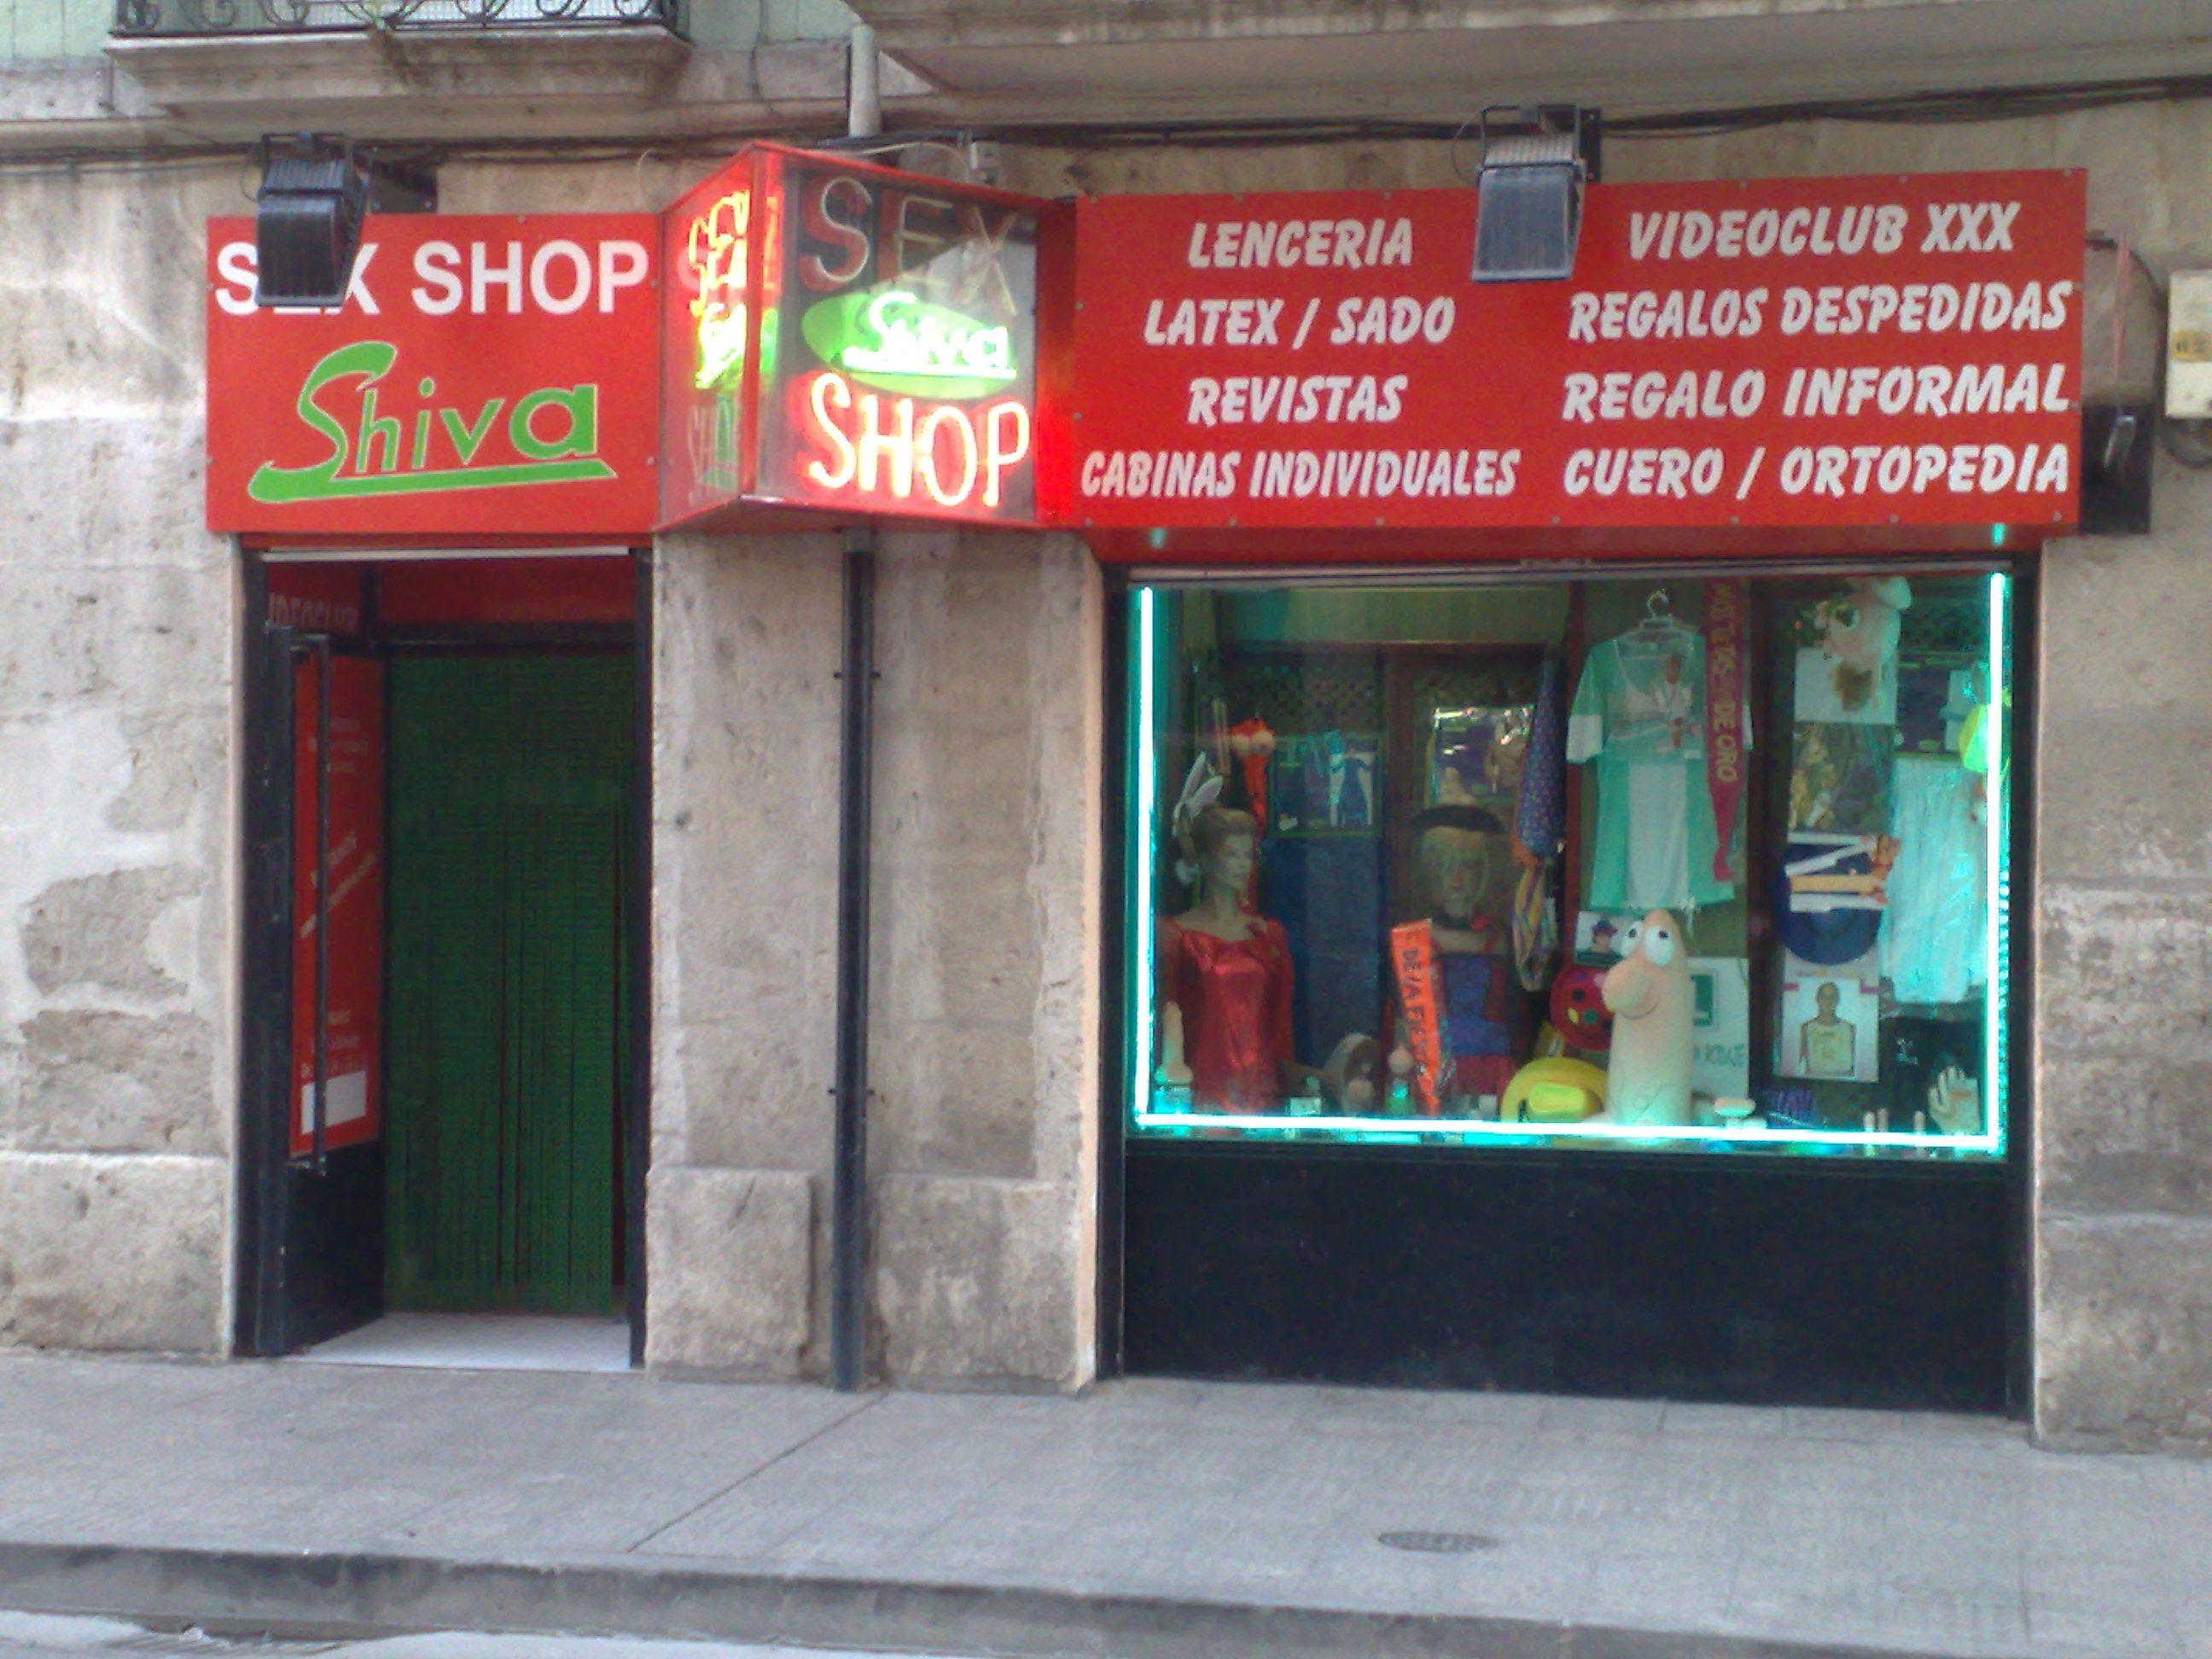 Nuestra tienda en C/ Santa Cruz, 13. Artículos eróticos. Lenceria ...